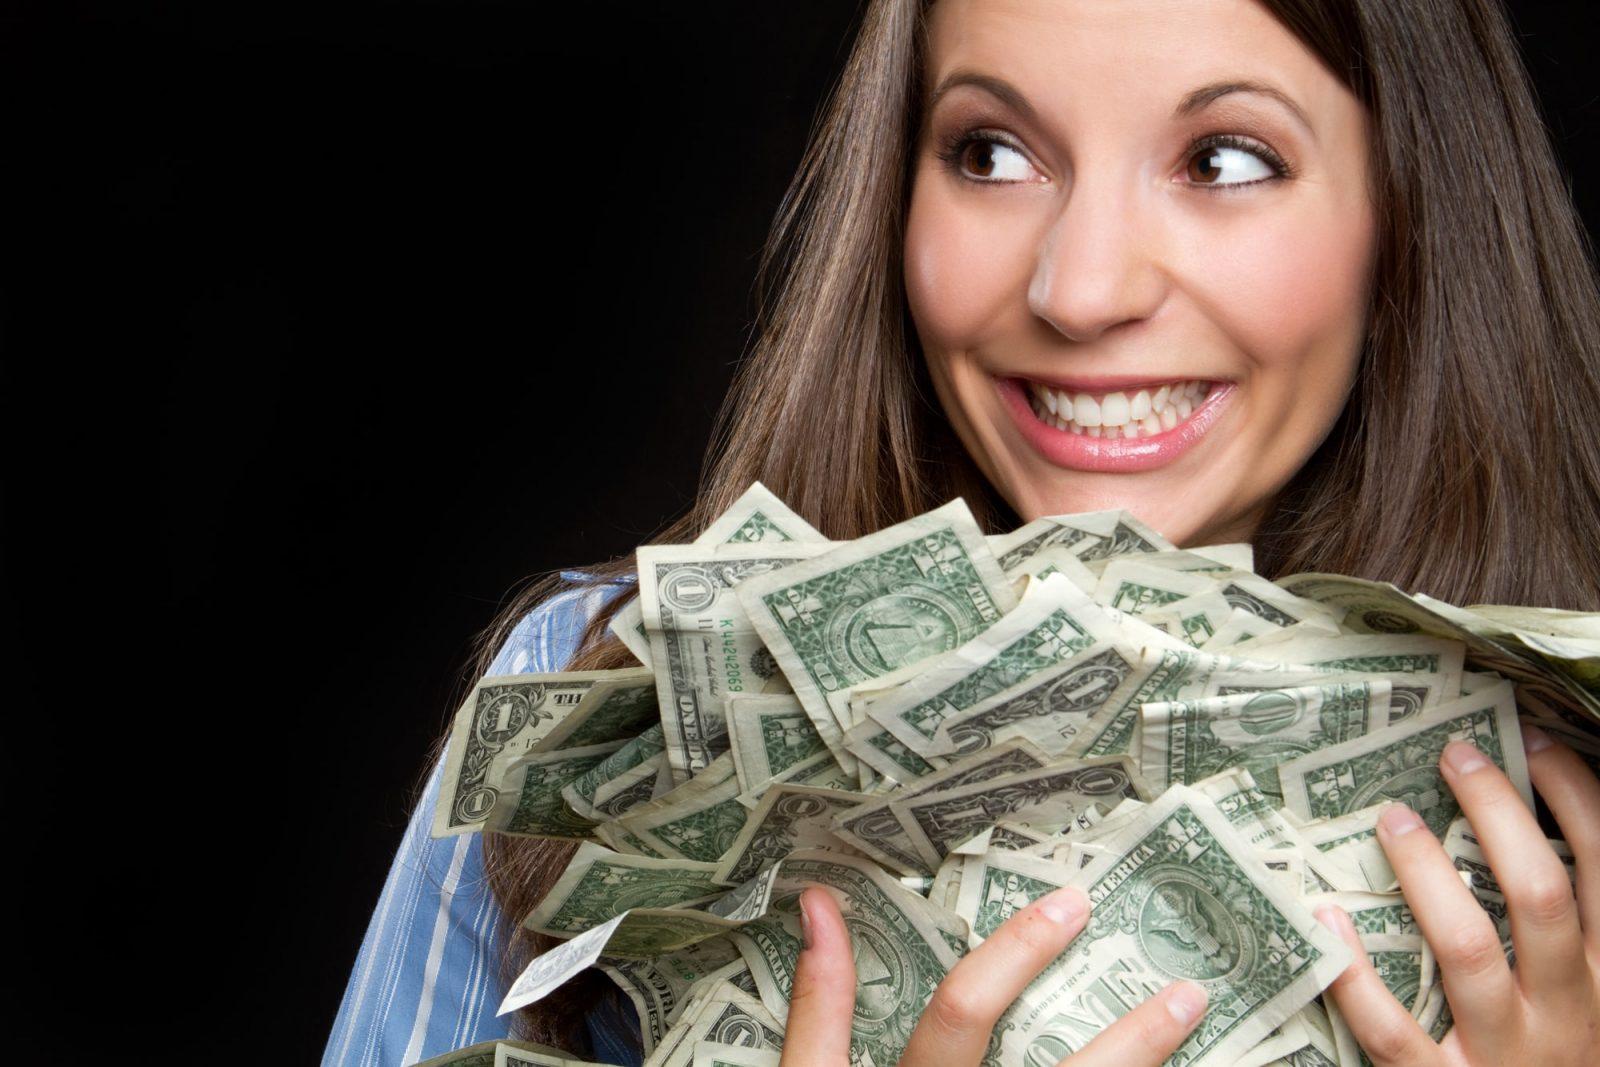 Алчная девушка с деньгами (долларами)